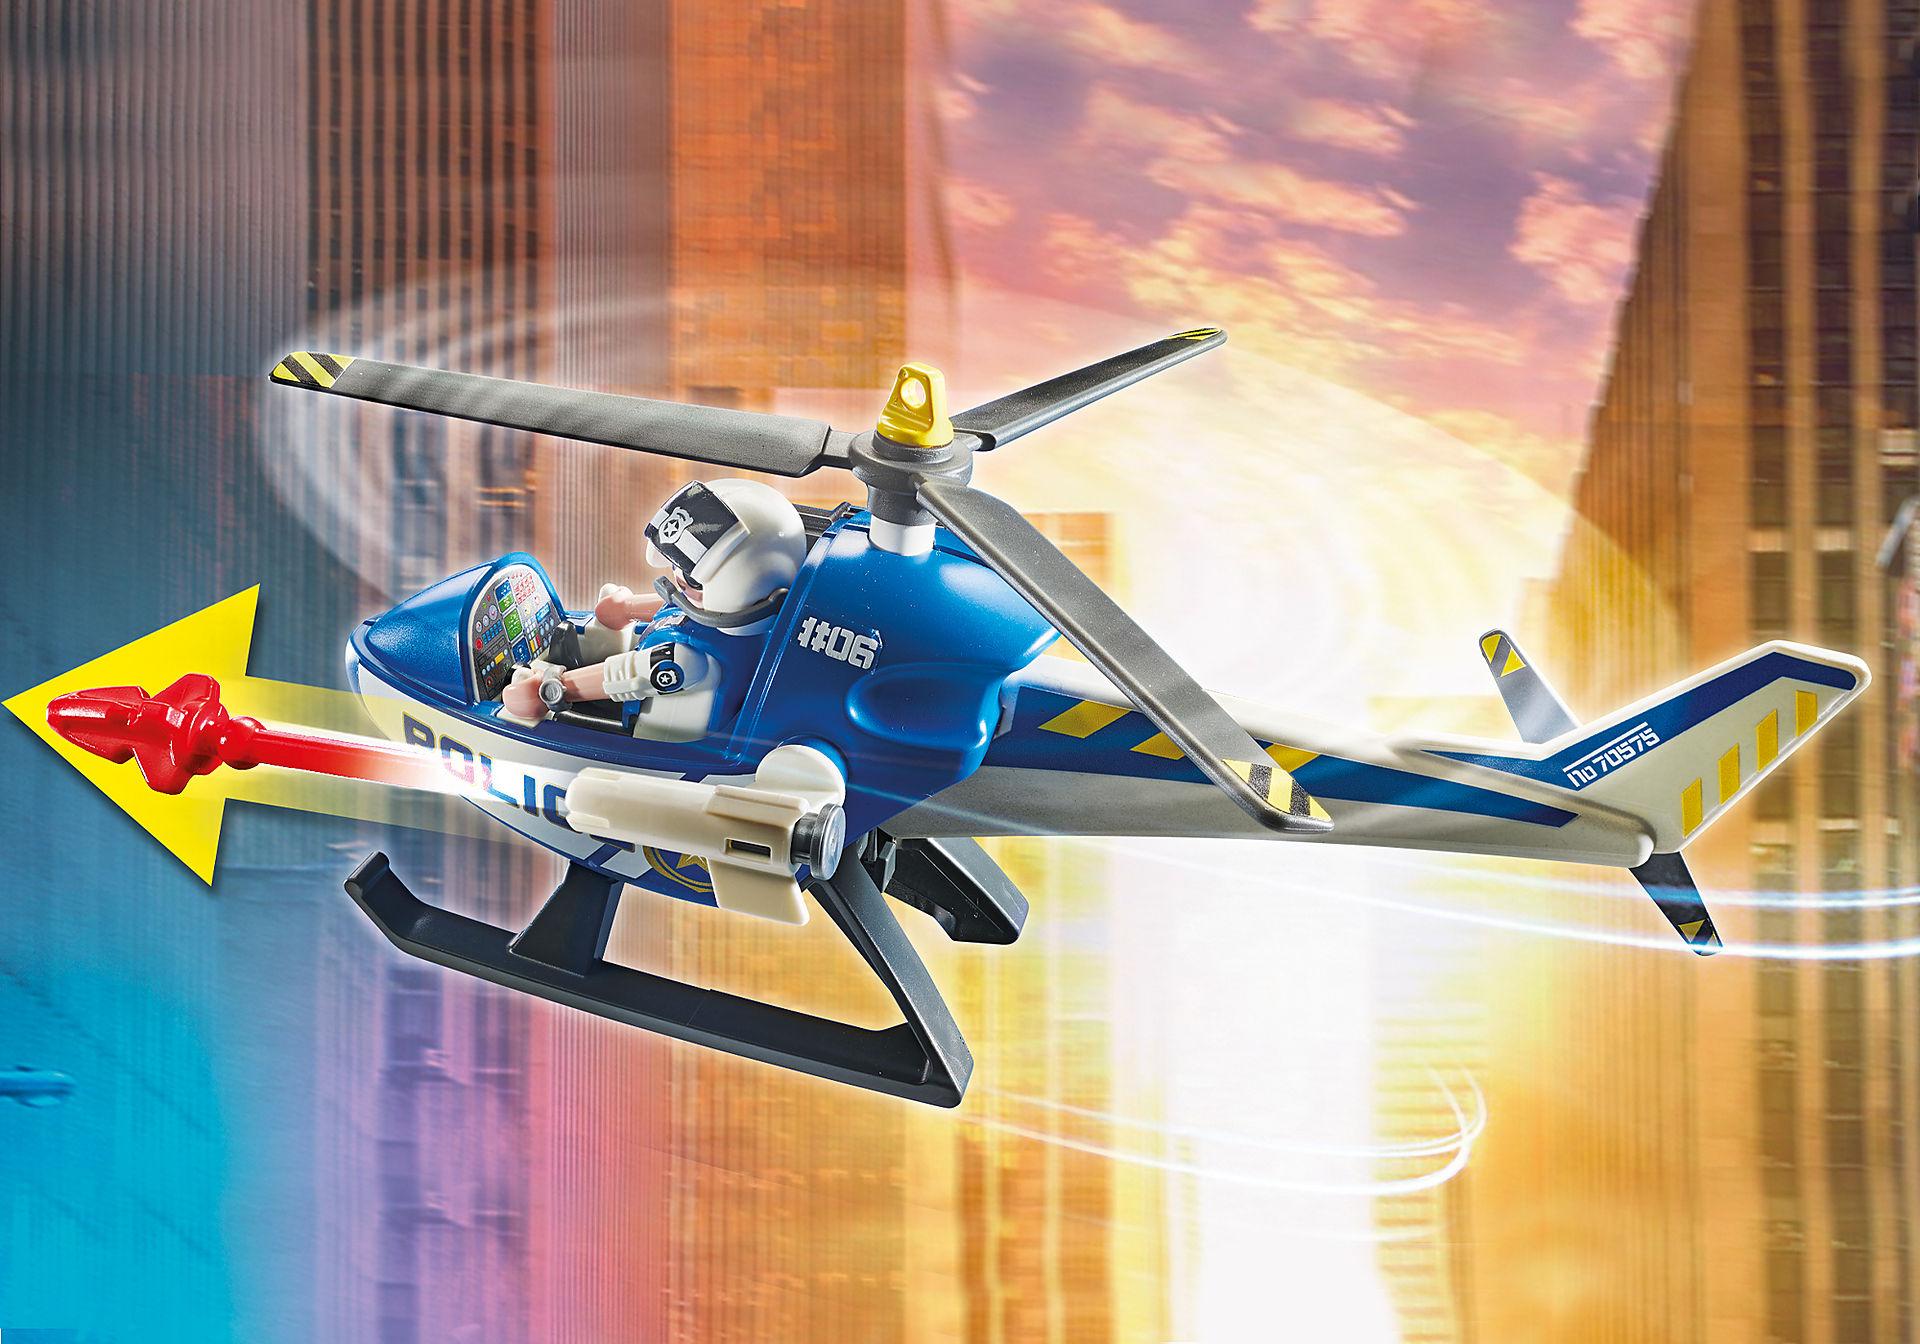 70575 Policyjny helikopter: Pościg za uciekającym samochodem zoom image4